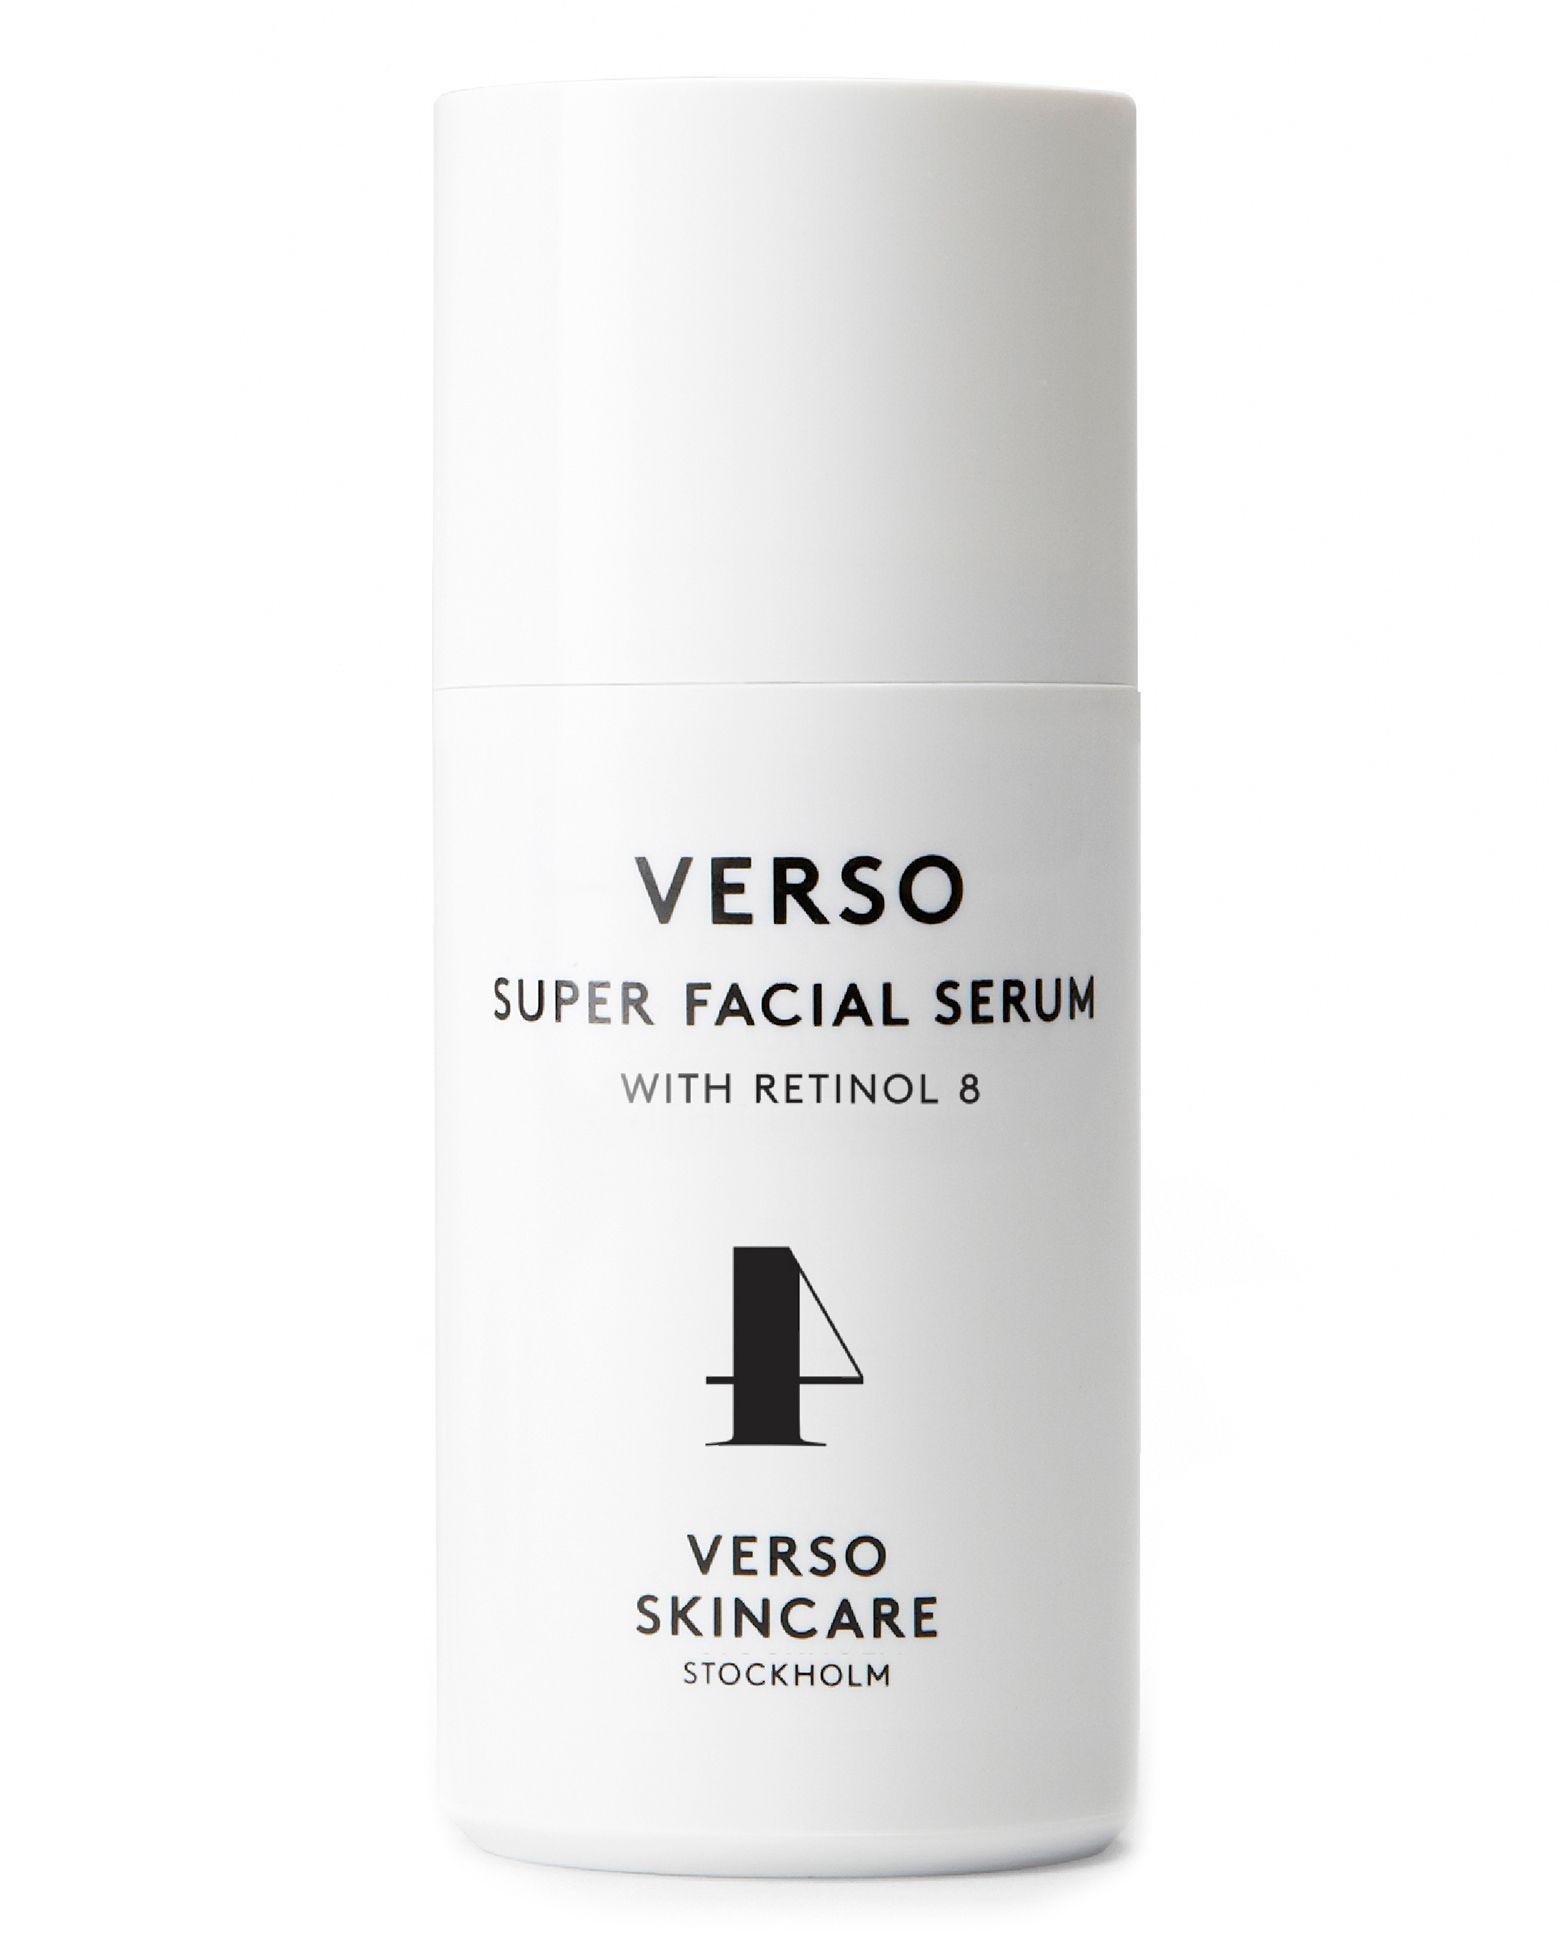 super facial serum with retinol 8